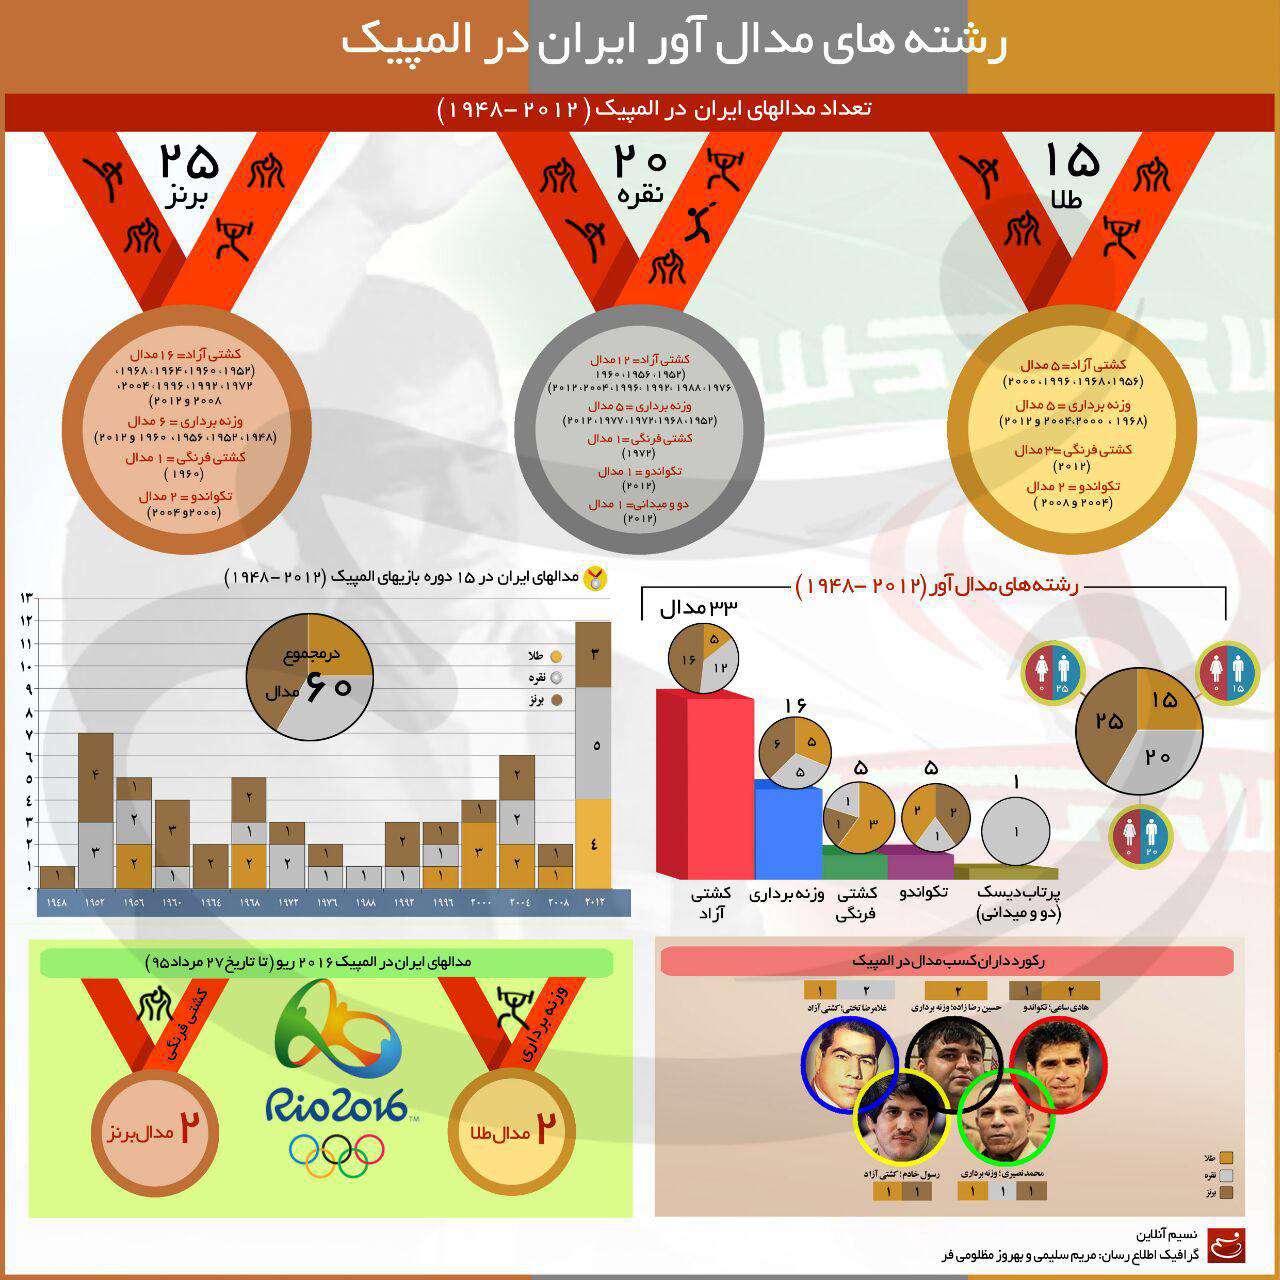 اینفوگرافیک رشته های مدال آور ایران در المپیک